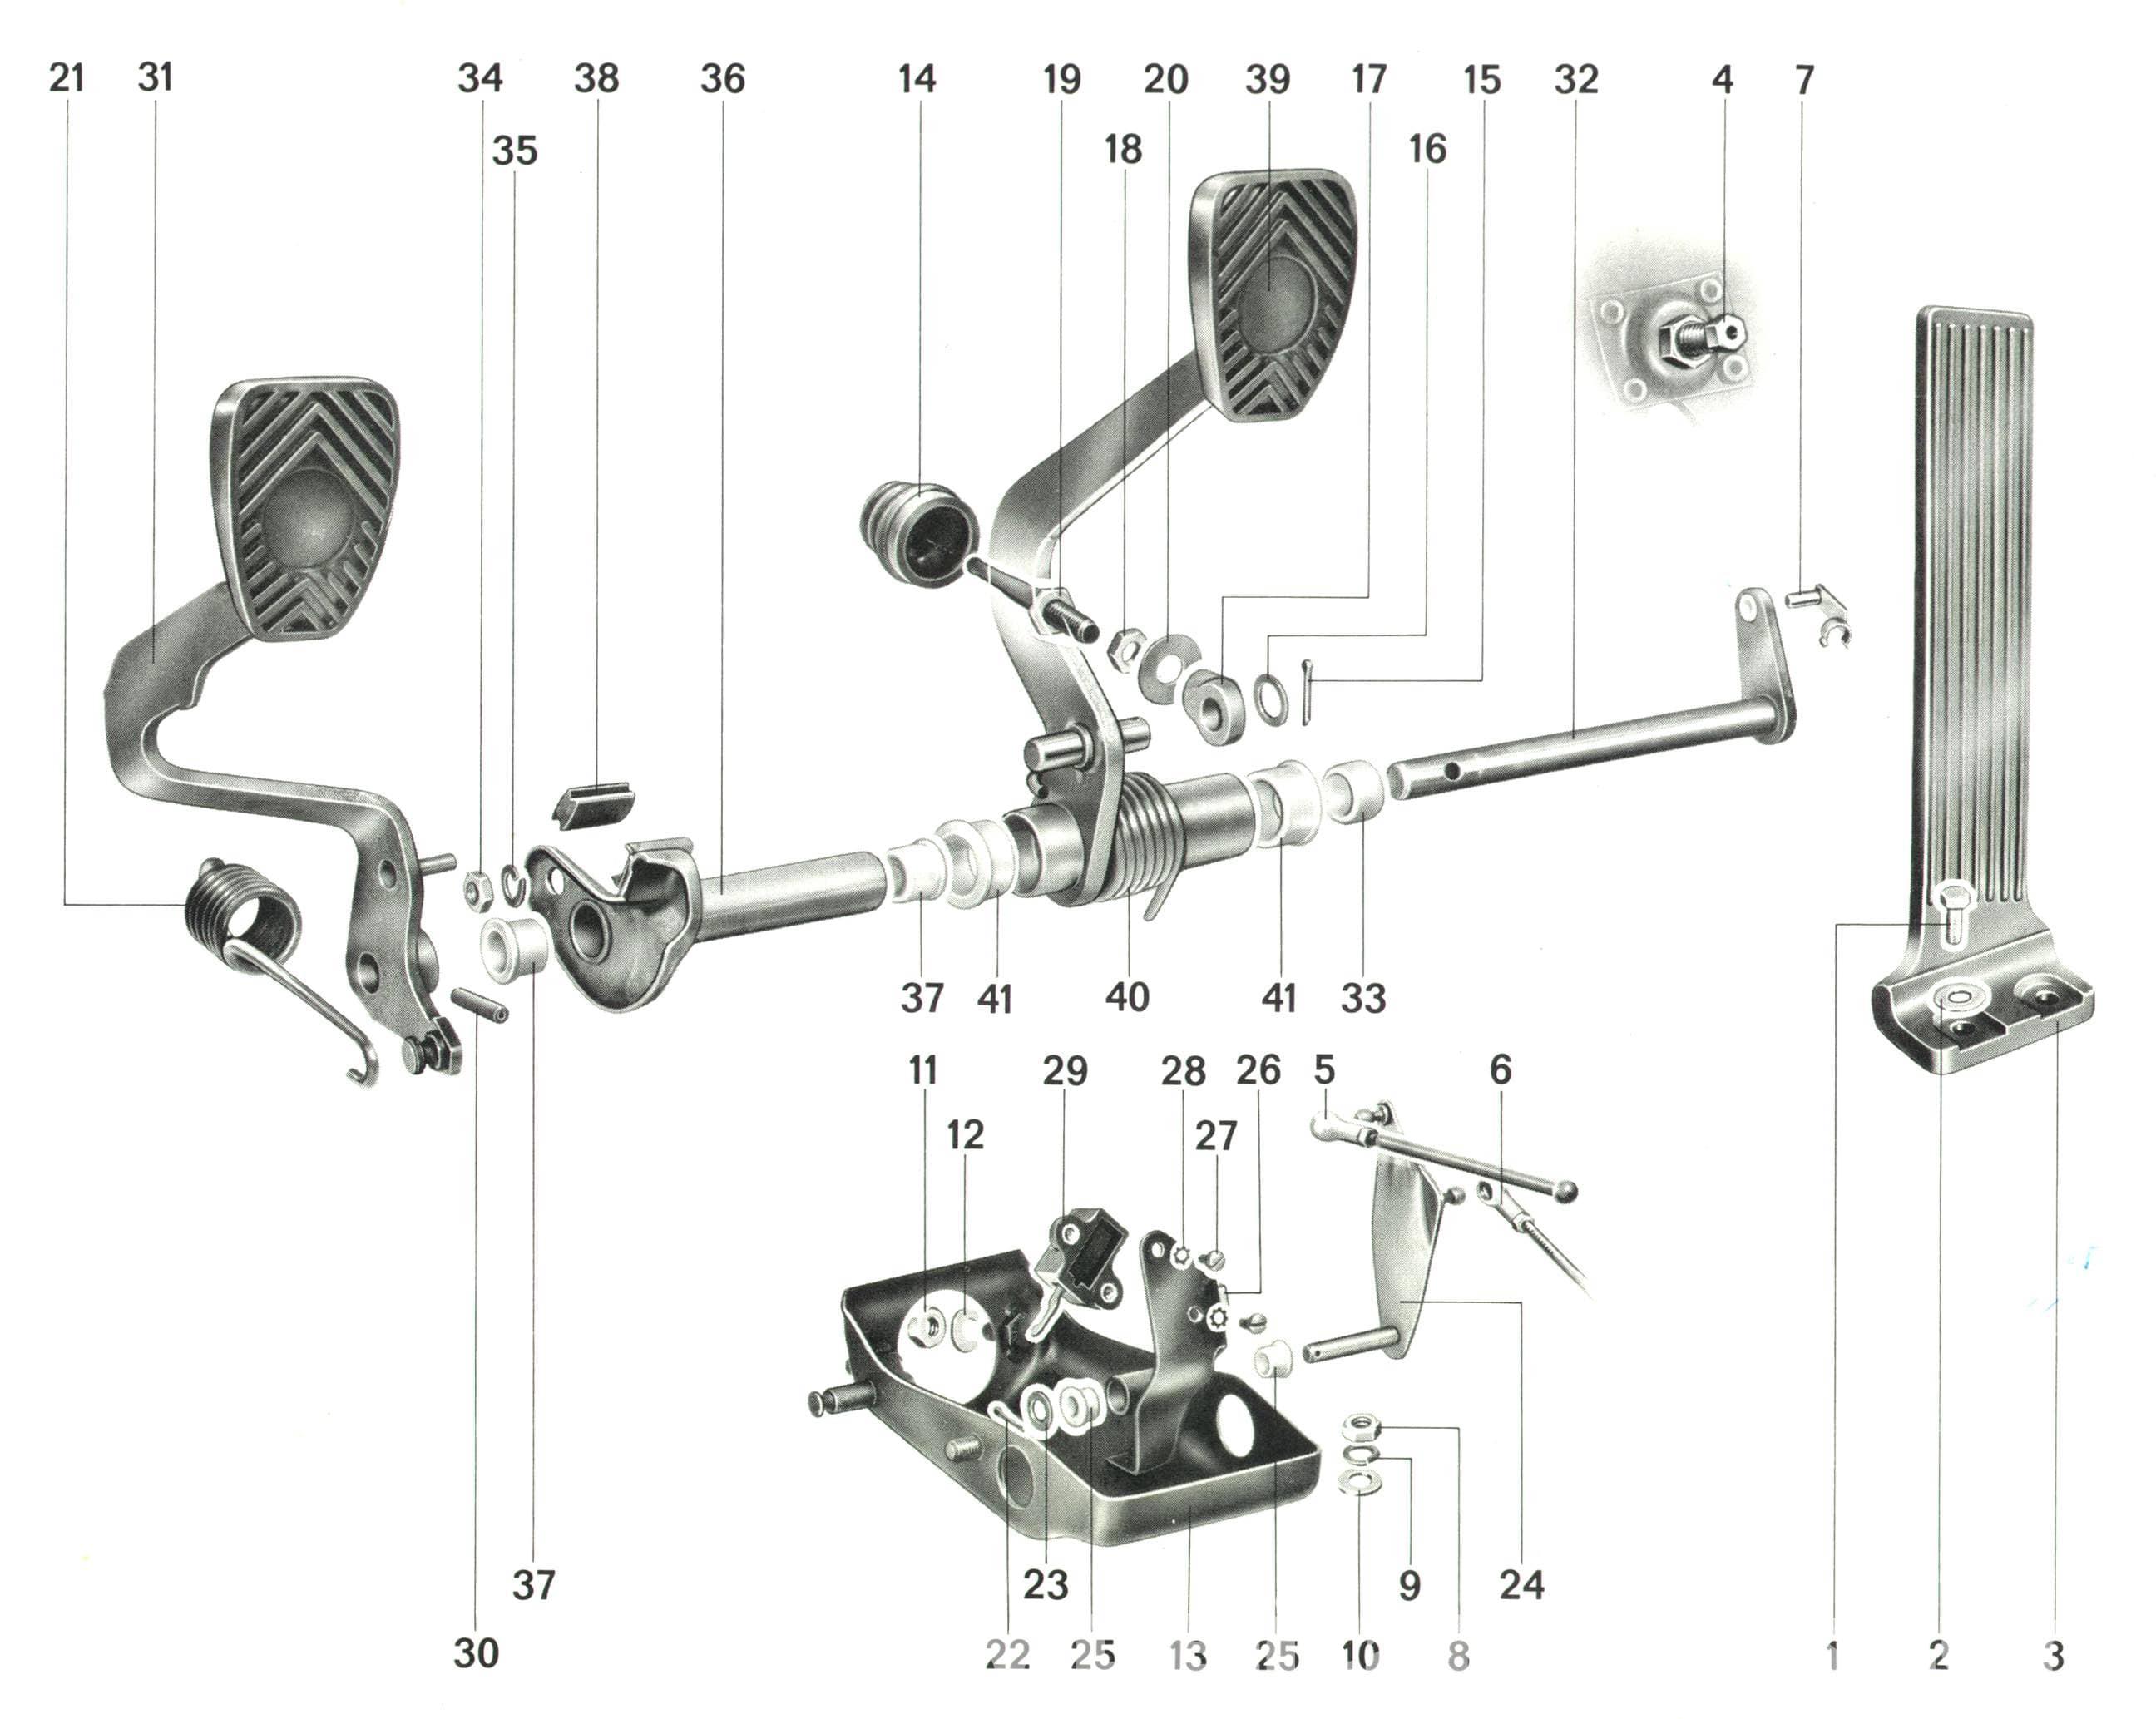 Porsche 911 Pedal Cluster Rebuild 911 1965 89 930 Turbo 1975 89 Pelican Parts Diy Maintenance Article